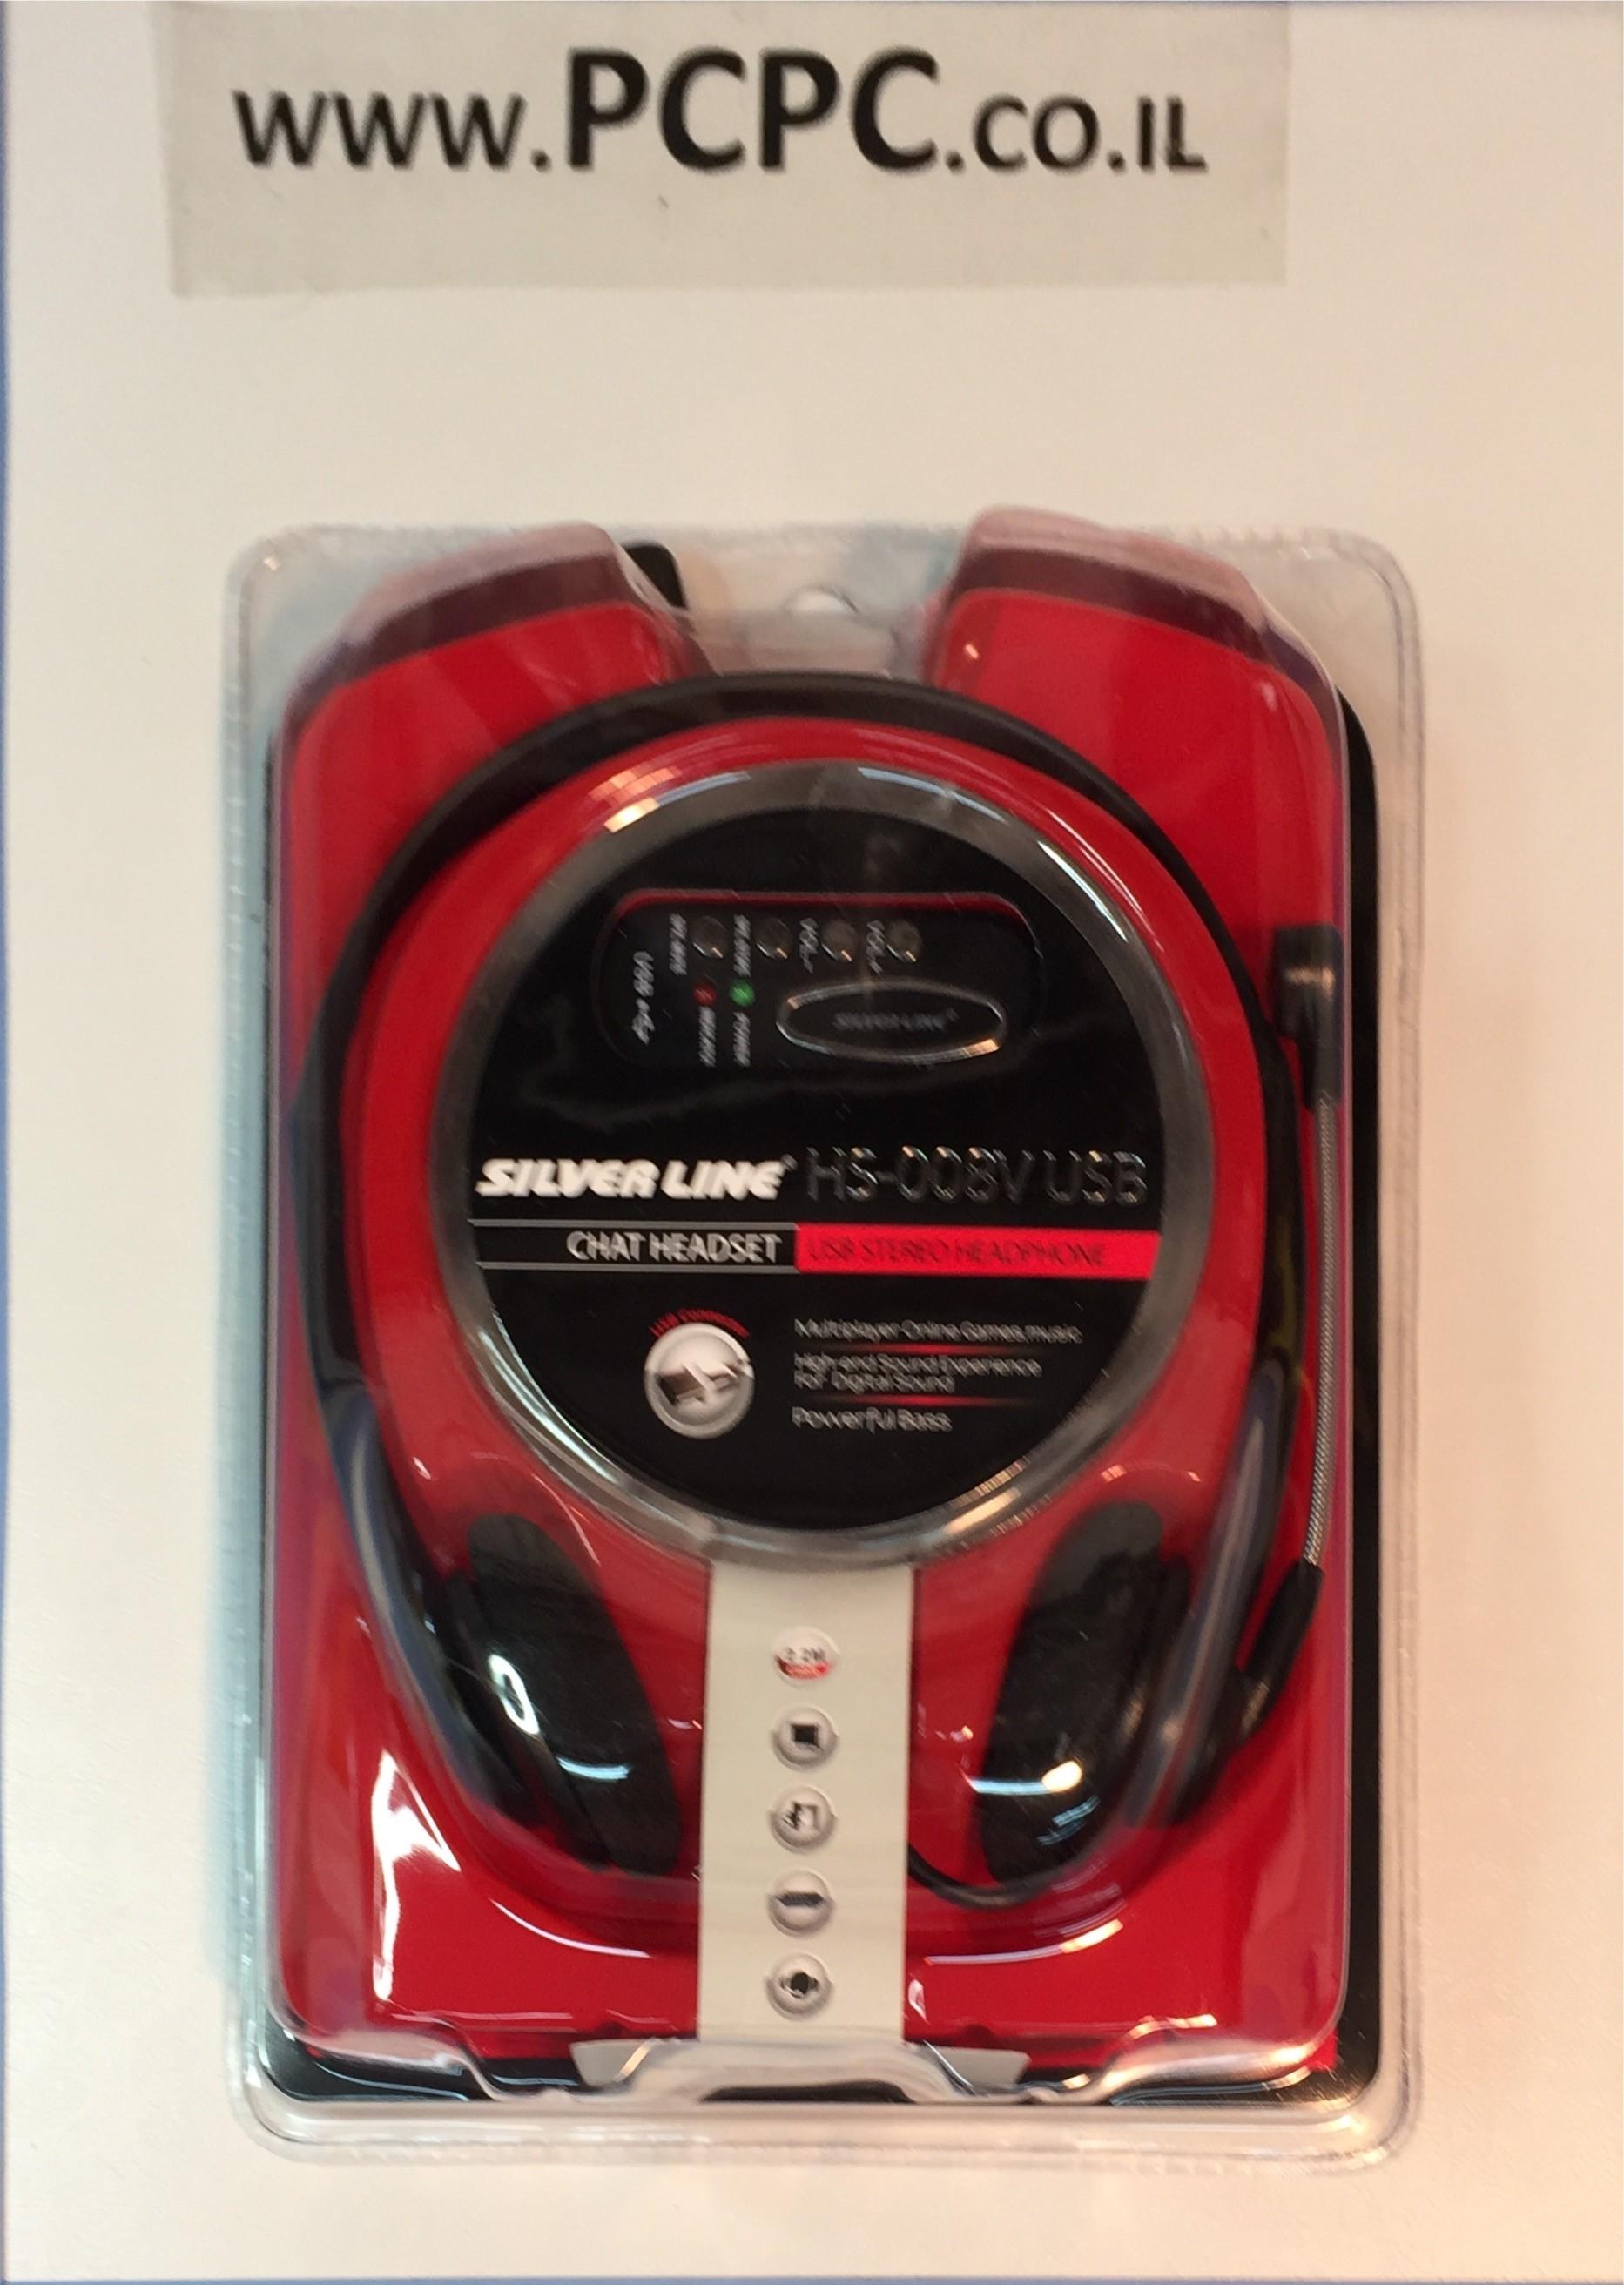 אוזניות+מיקרופון  חיבור USB   SILVER LINE HS008